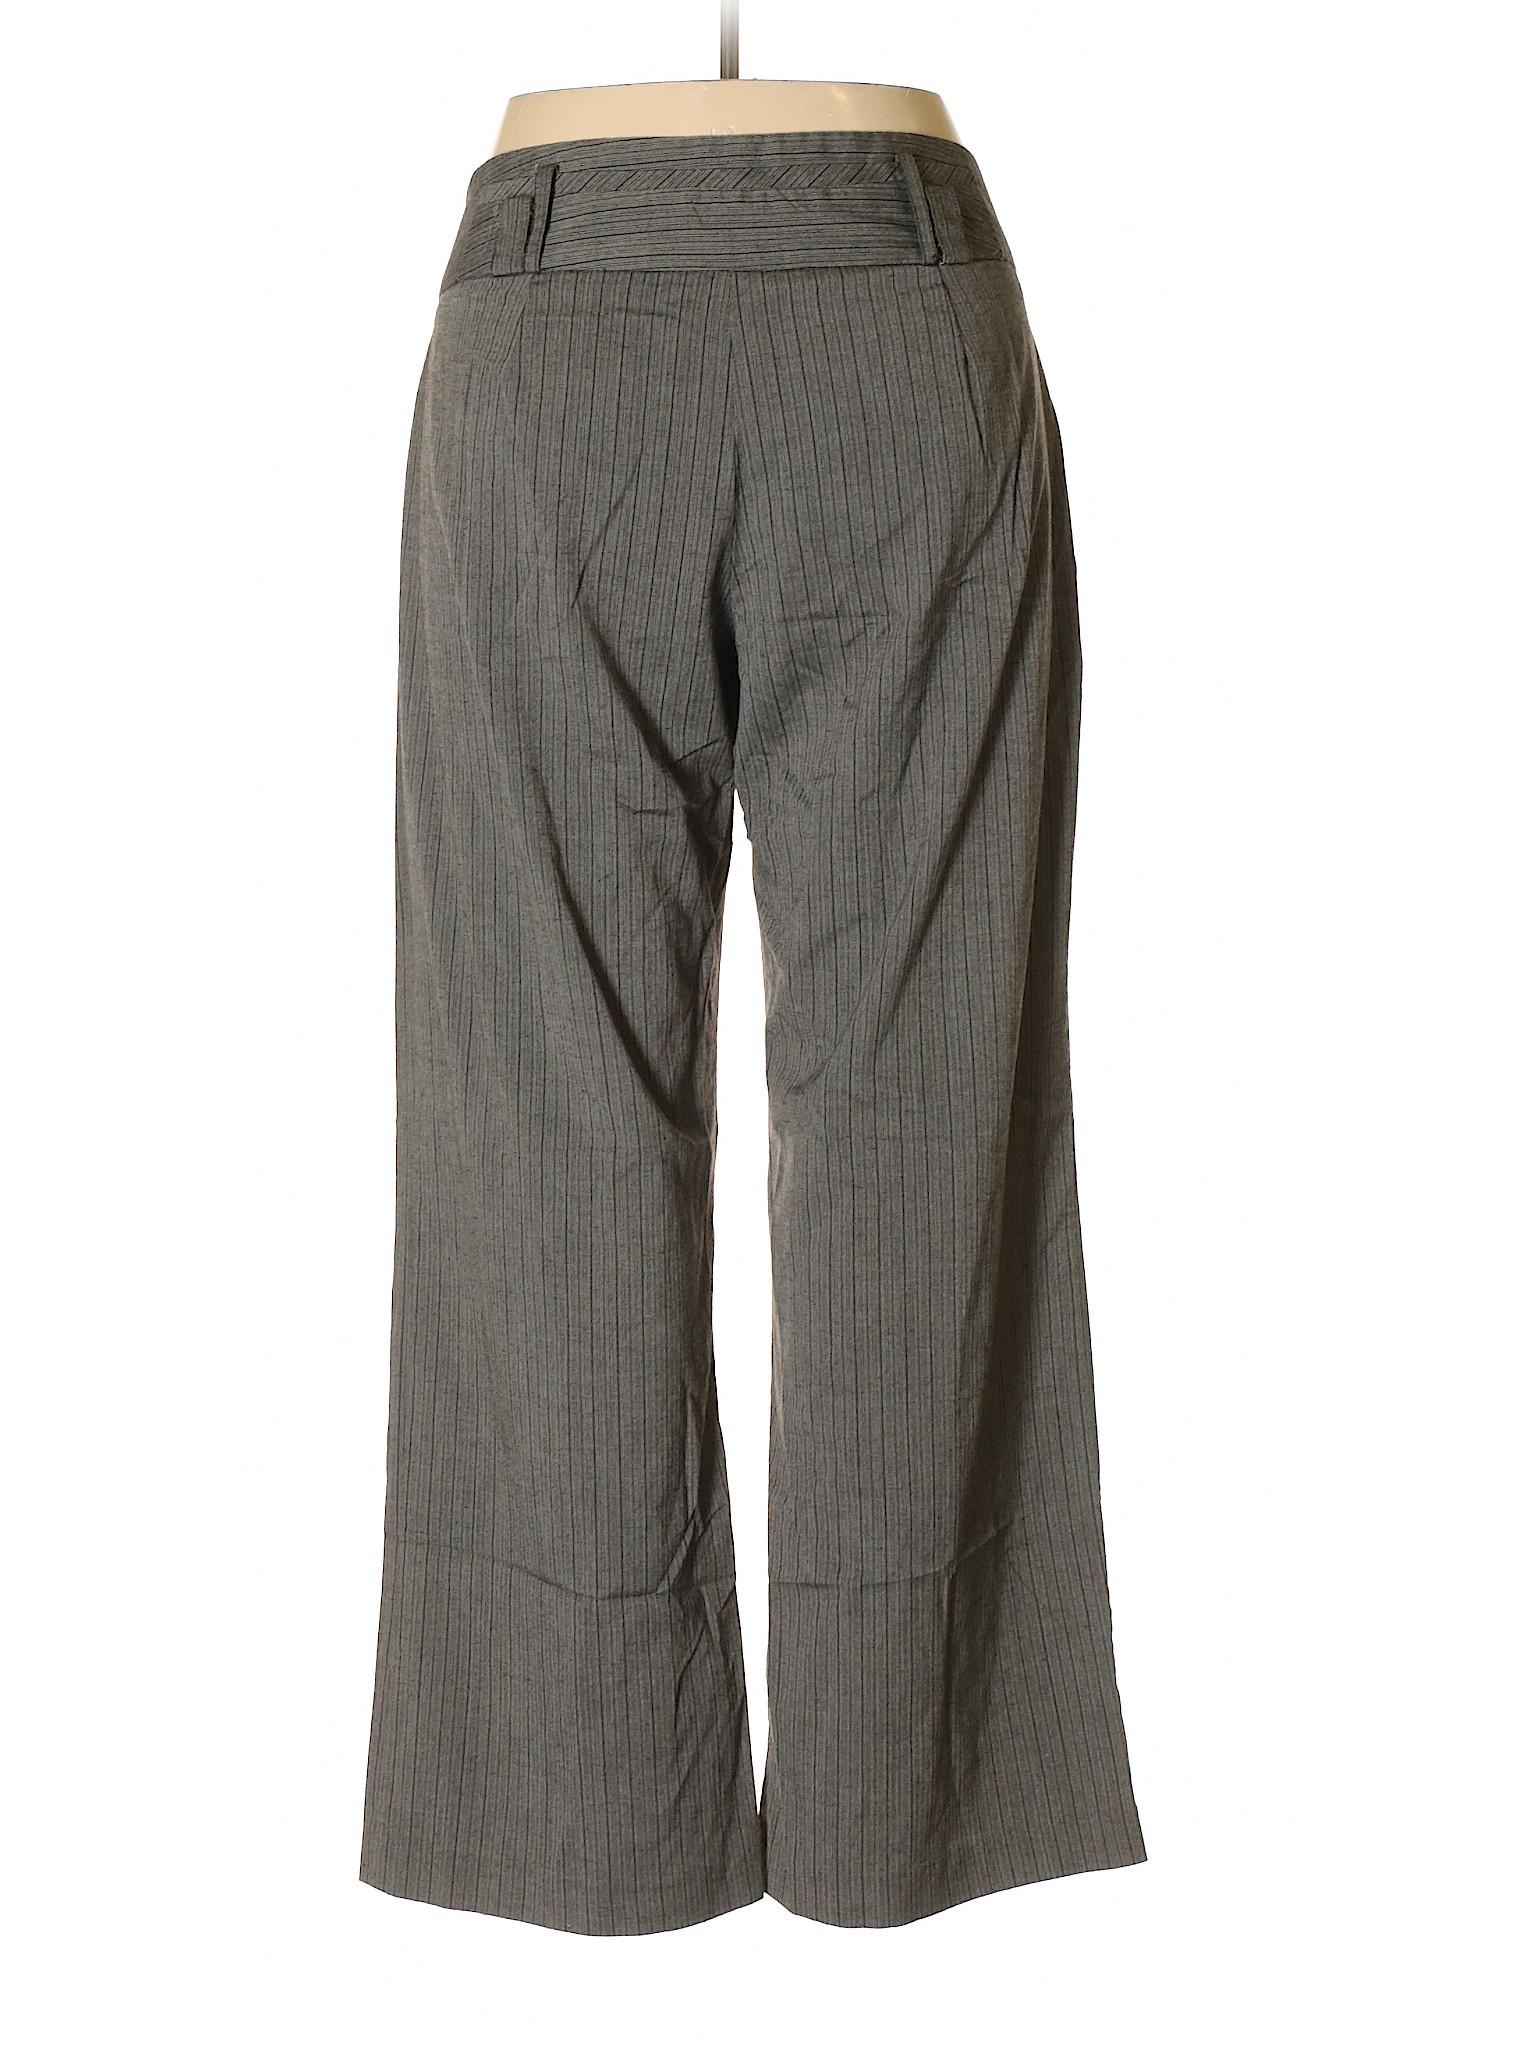 leisure Ashley Pants Stewart Dress Boutique BdUxFwTd